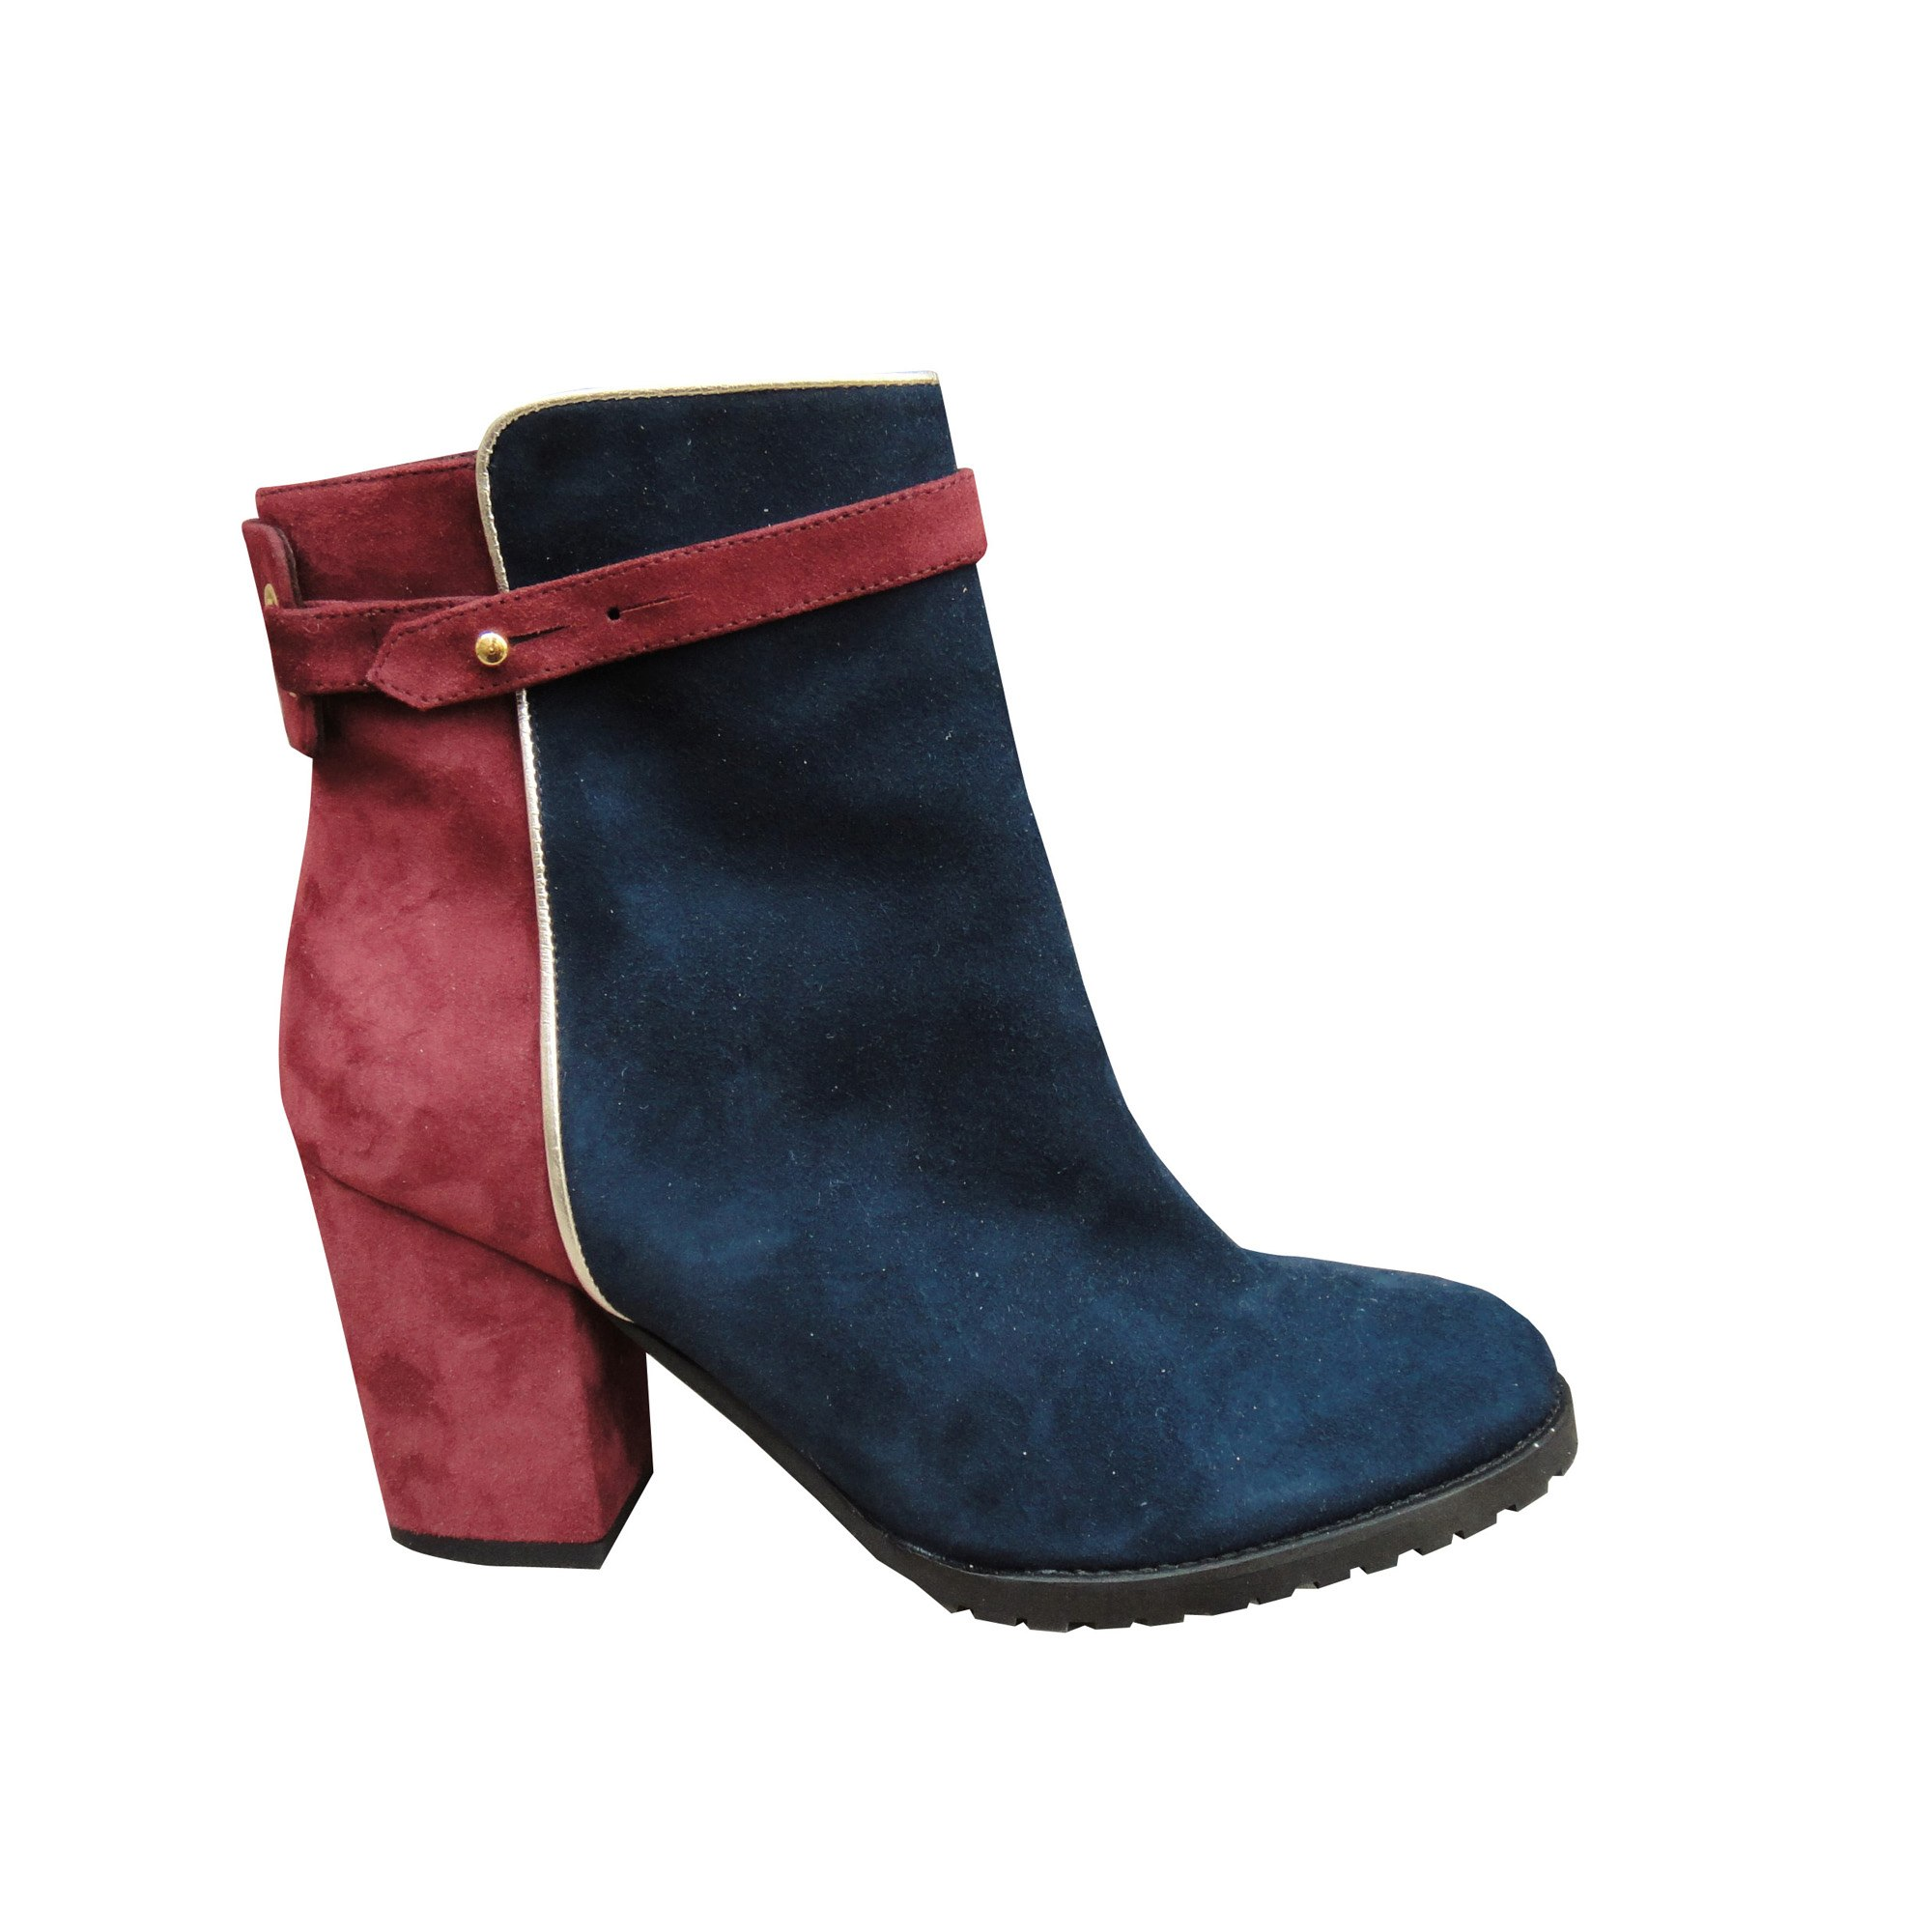 0189f02366bdff Bottines & low boots à talons PAUL & JOE SISTER bordeaux et bleu. PROMOFLASH